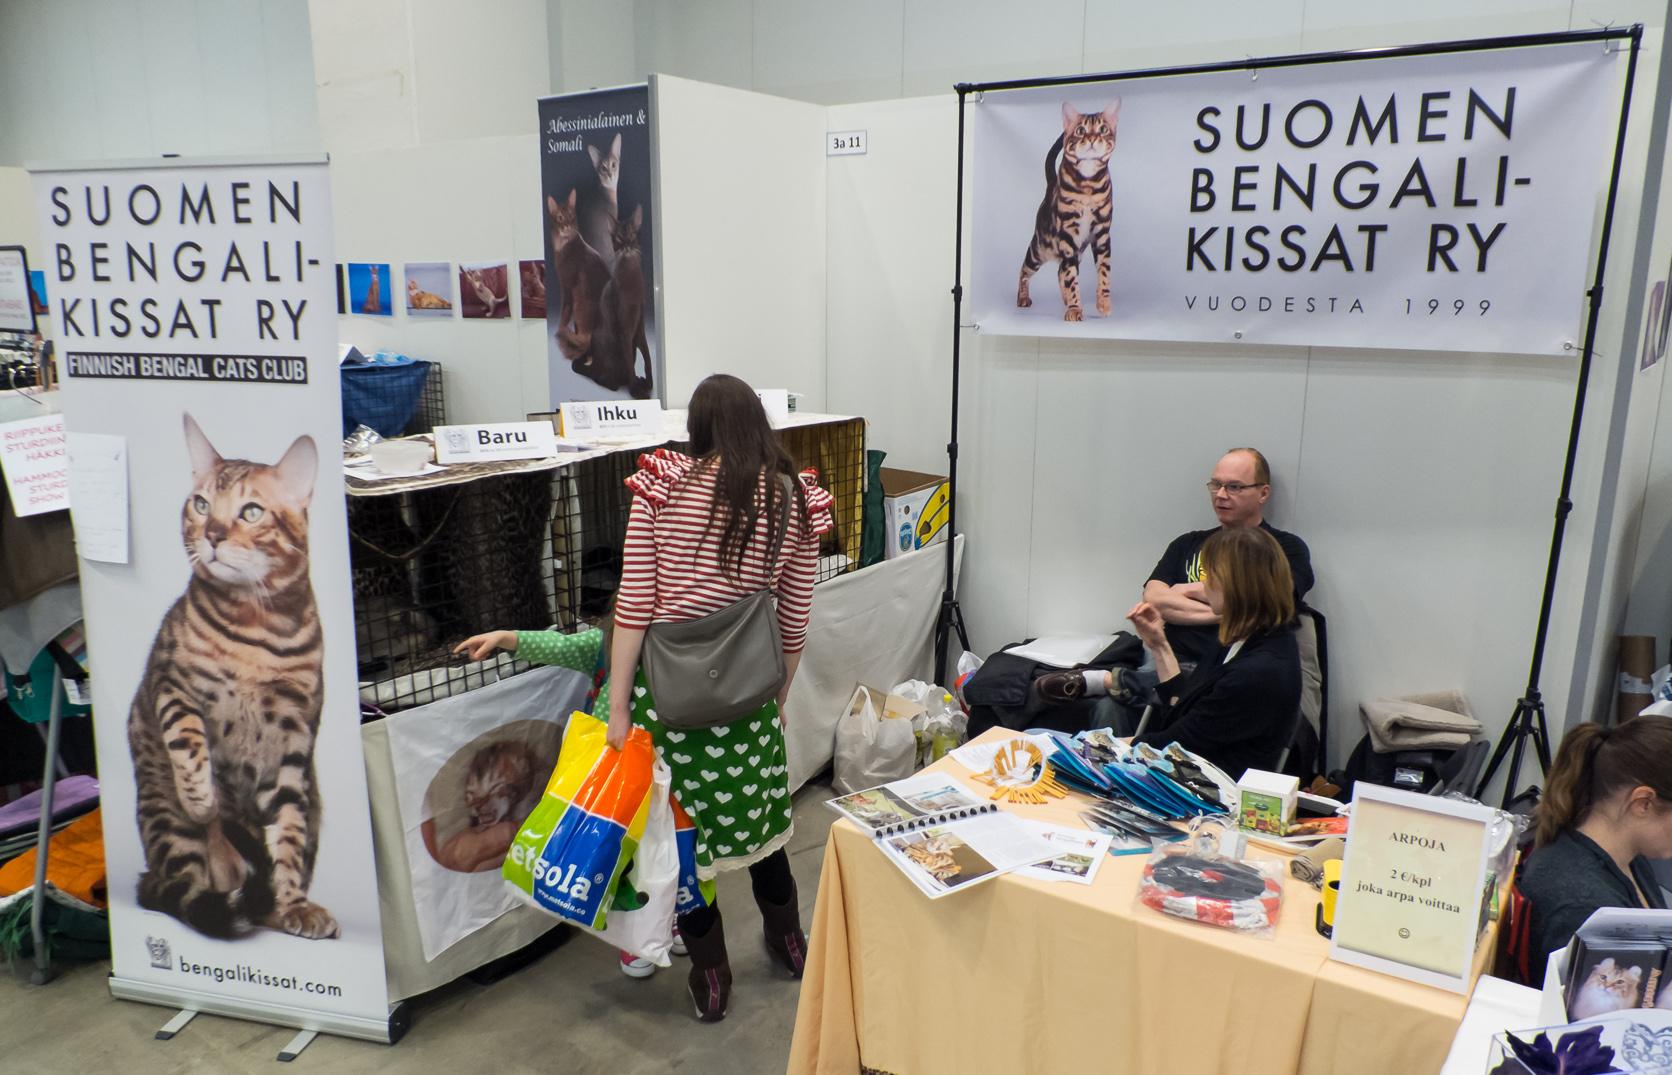 Suomen bengalikissat ry, kuva 207143, 27.4.2013